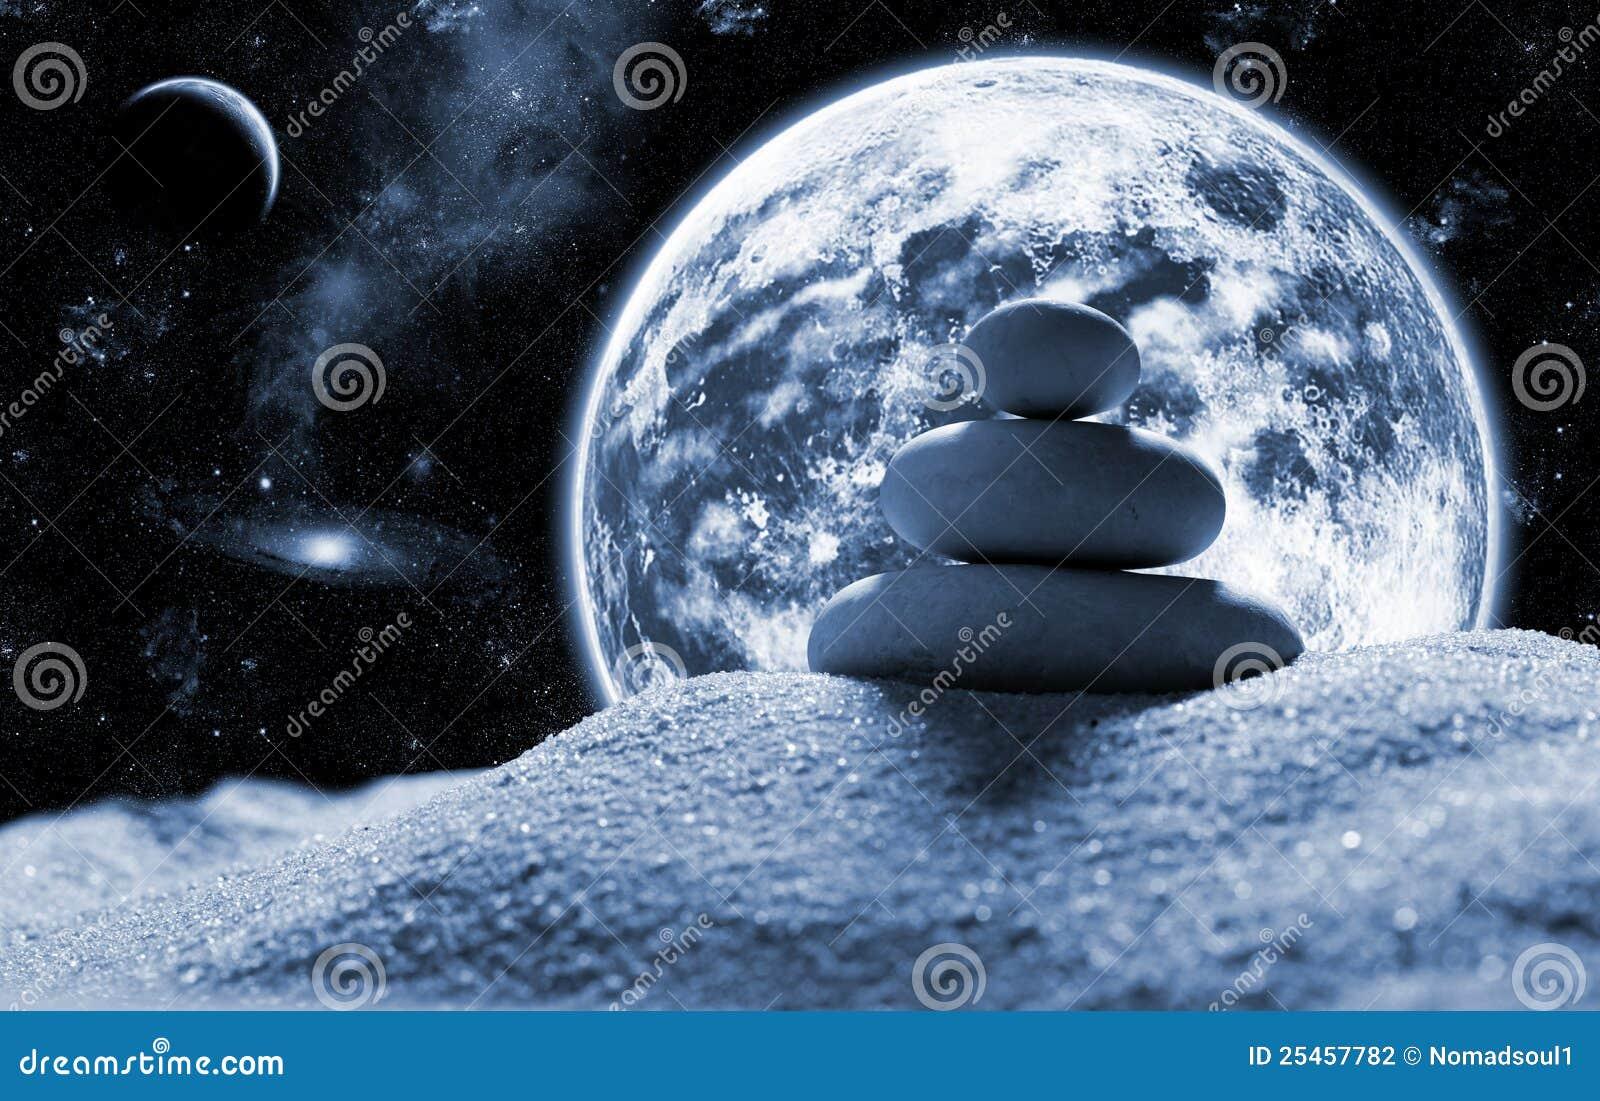 Zen stones in space stock photo. Image of image, desert ...